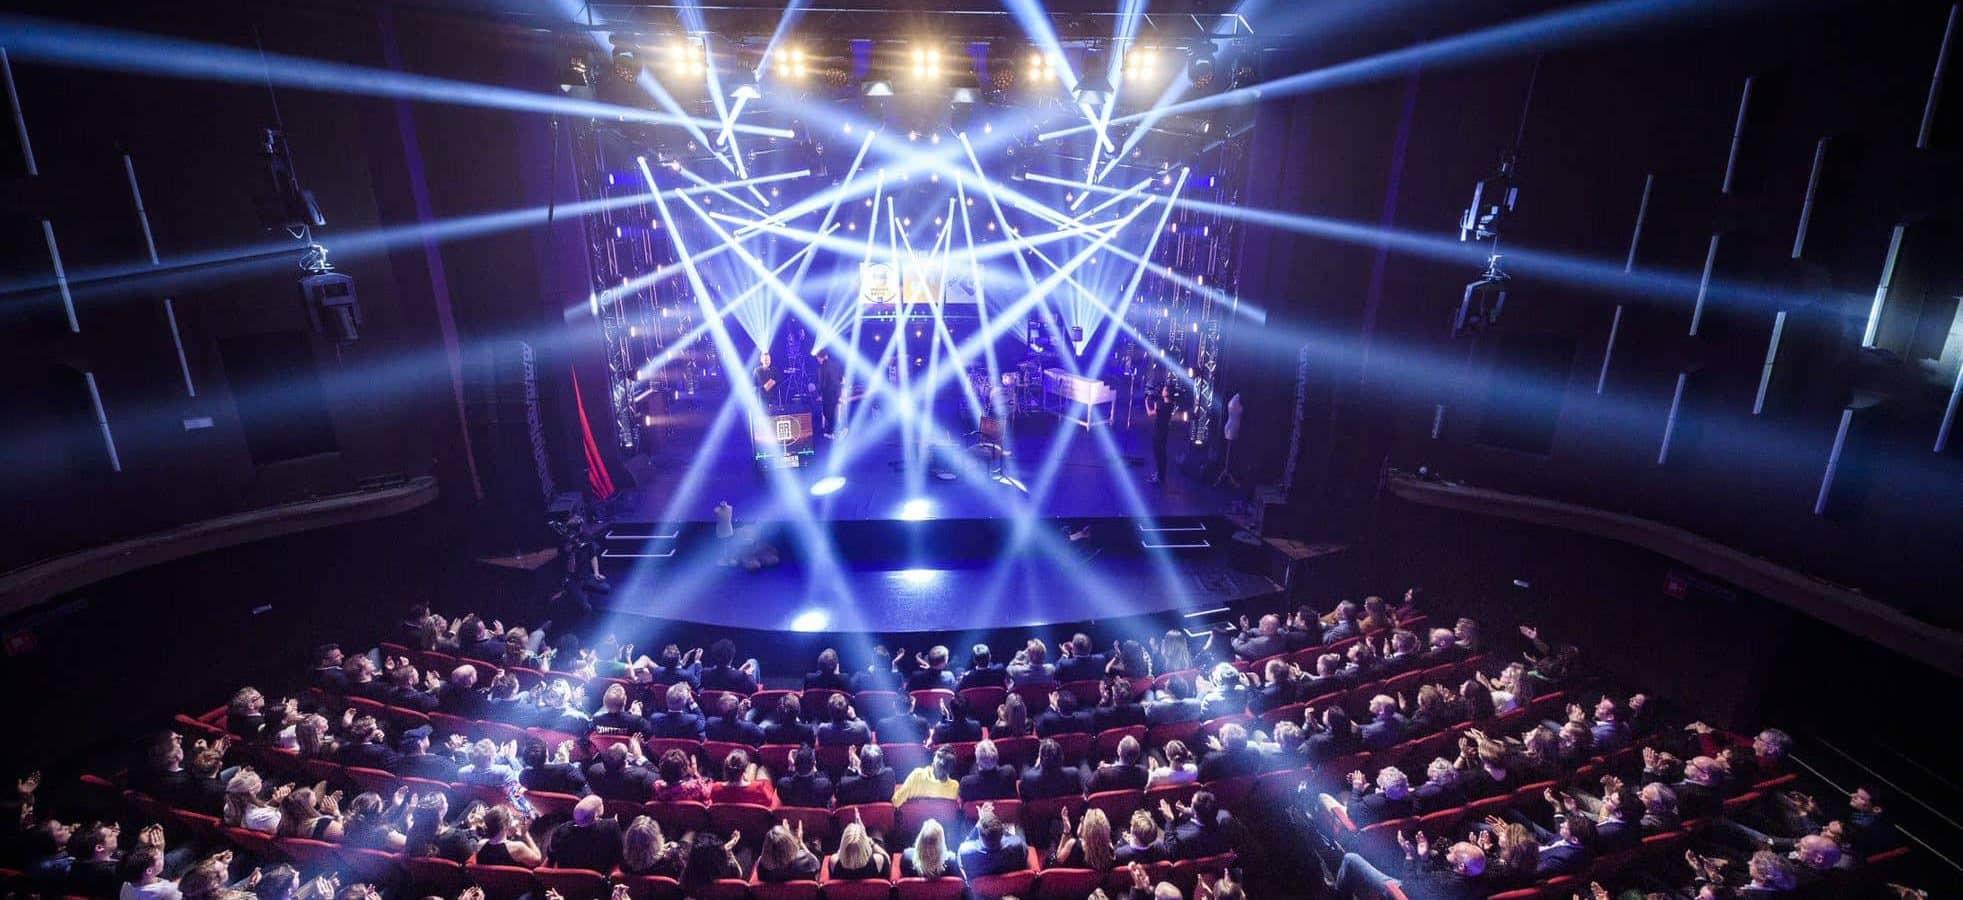 Theaterzaal met lichten vanaf balkon